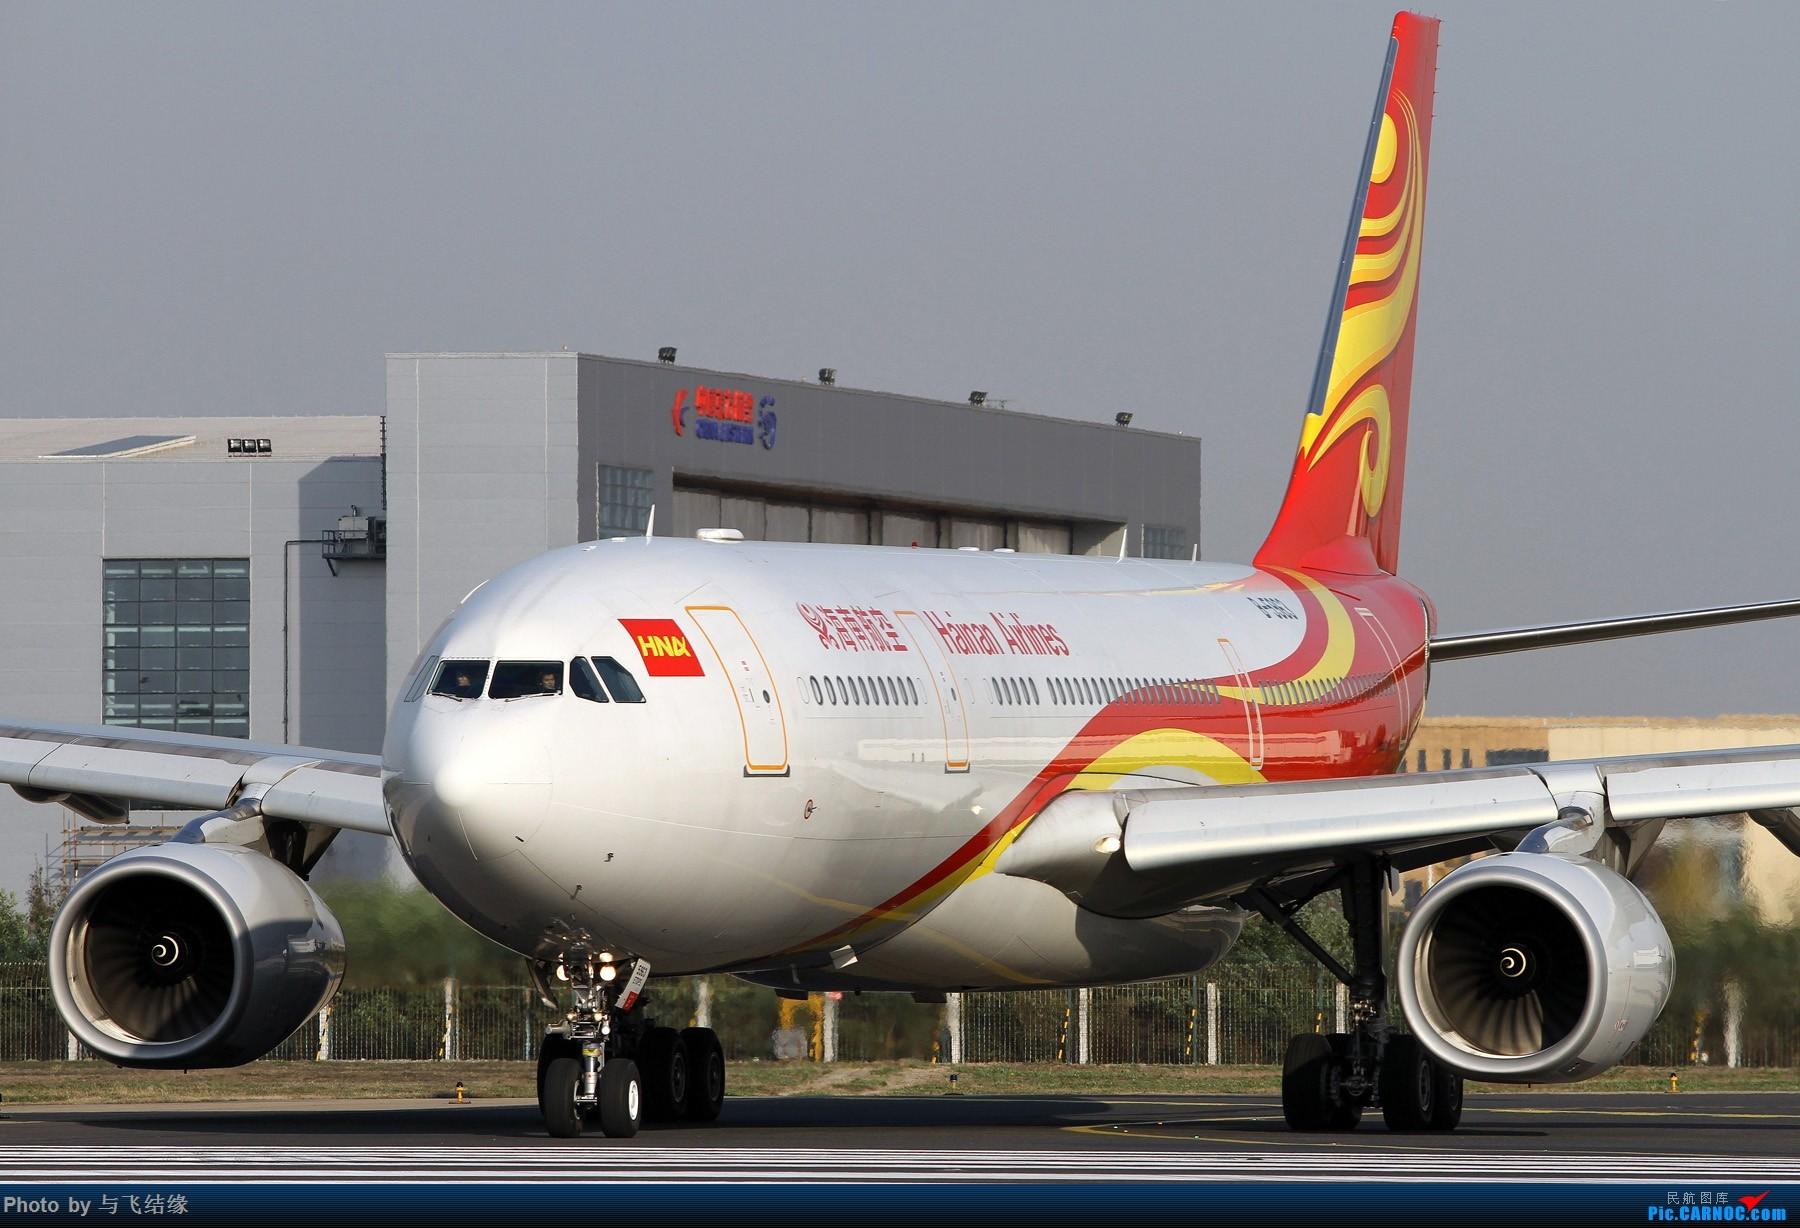 [原创]海南航空空客Airbus A330大图一组。 AIRBUS A330-200 B-5963 中国北京首都国际机场